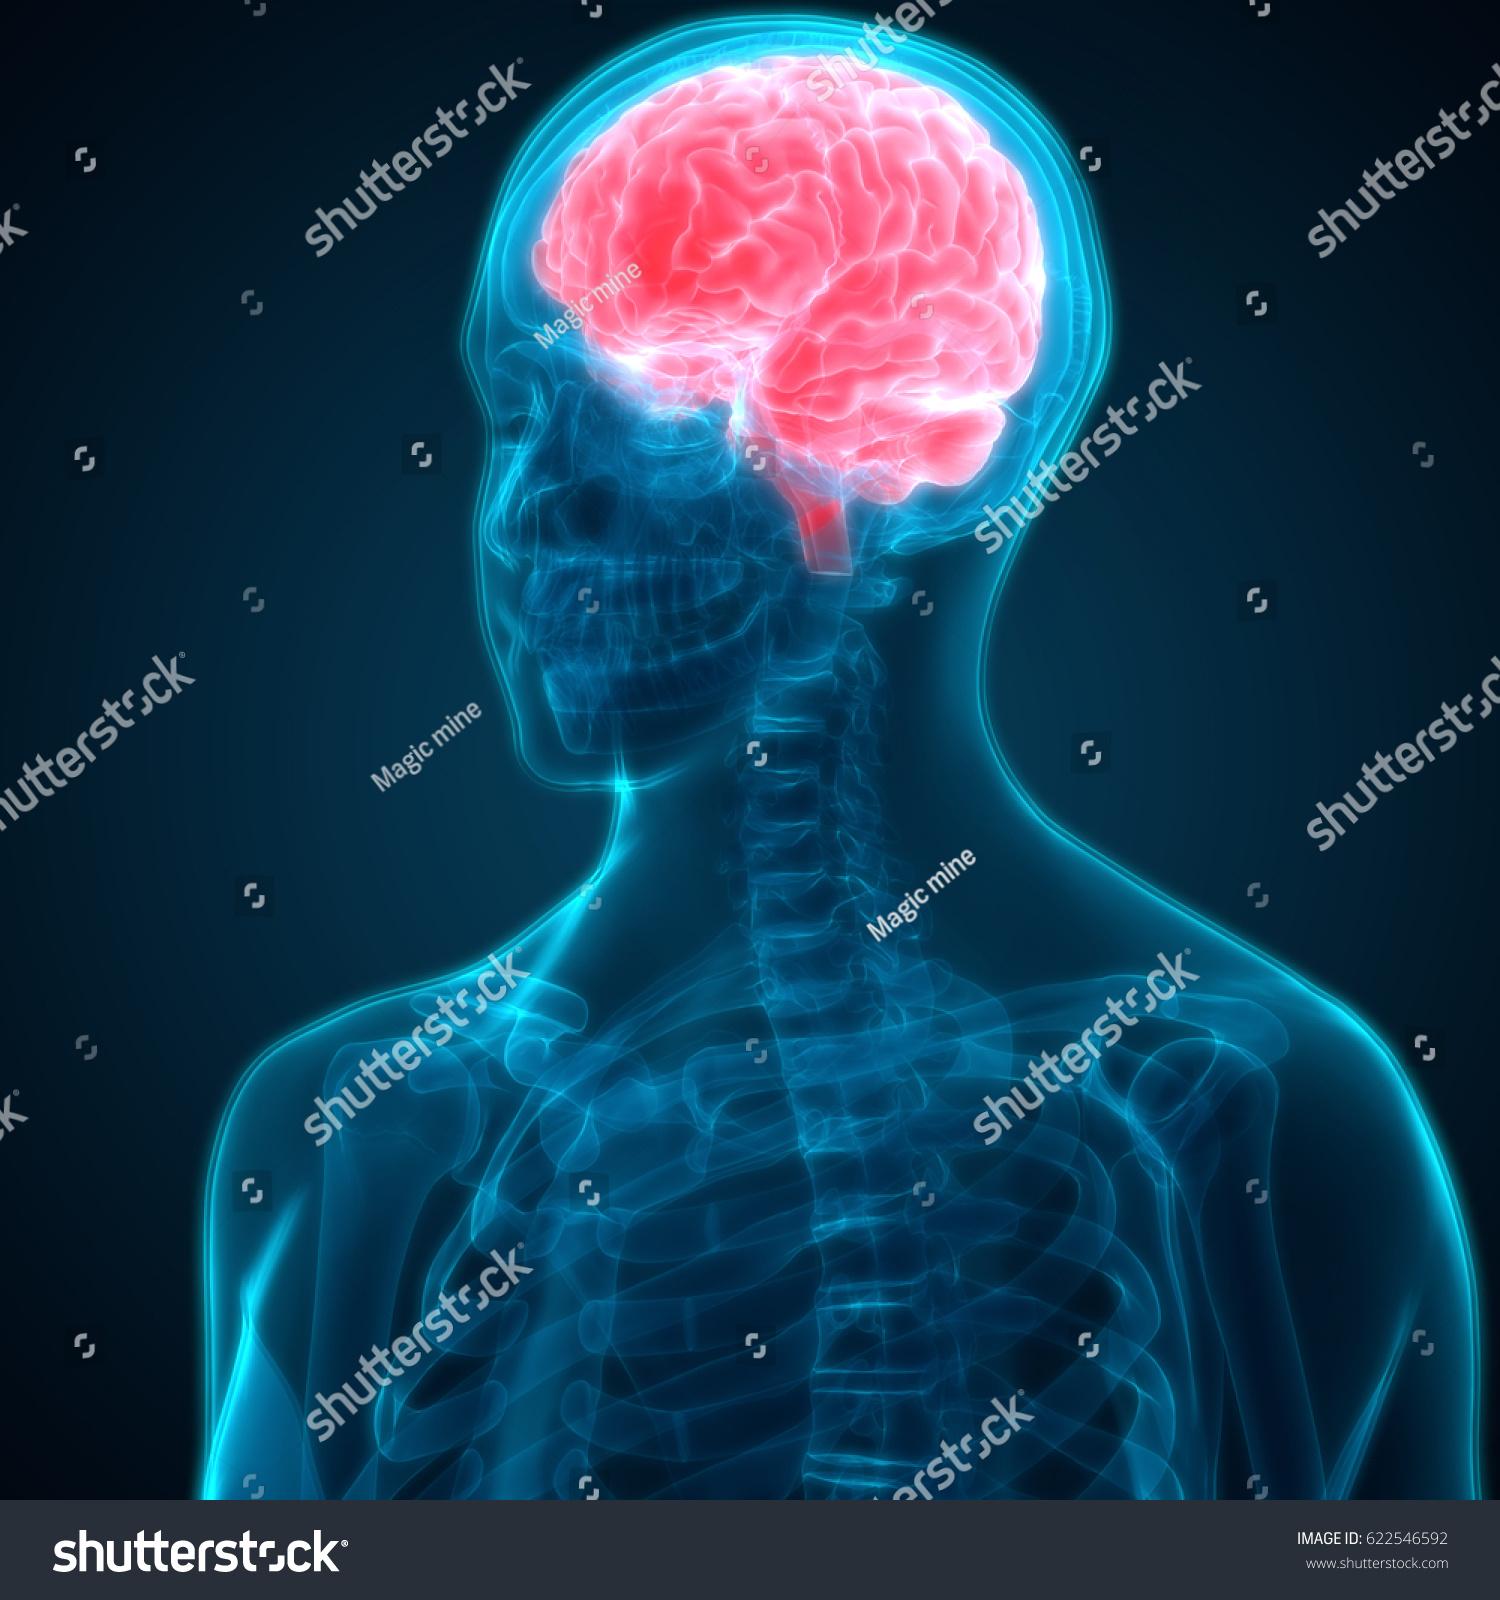 Human Brain Anatomy 3 D Stock Illustration 622546592 - Shutterstock